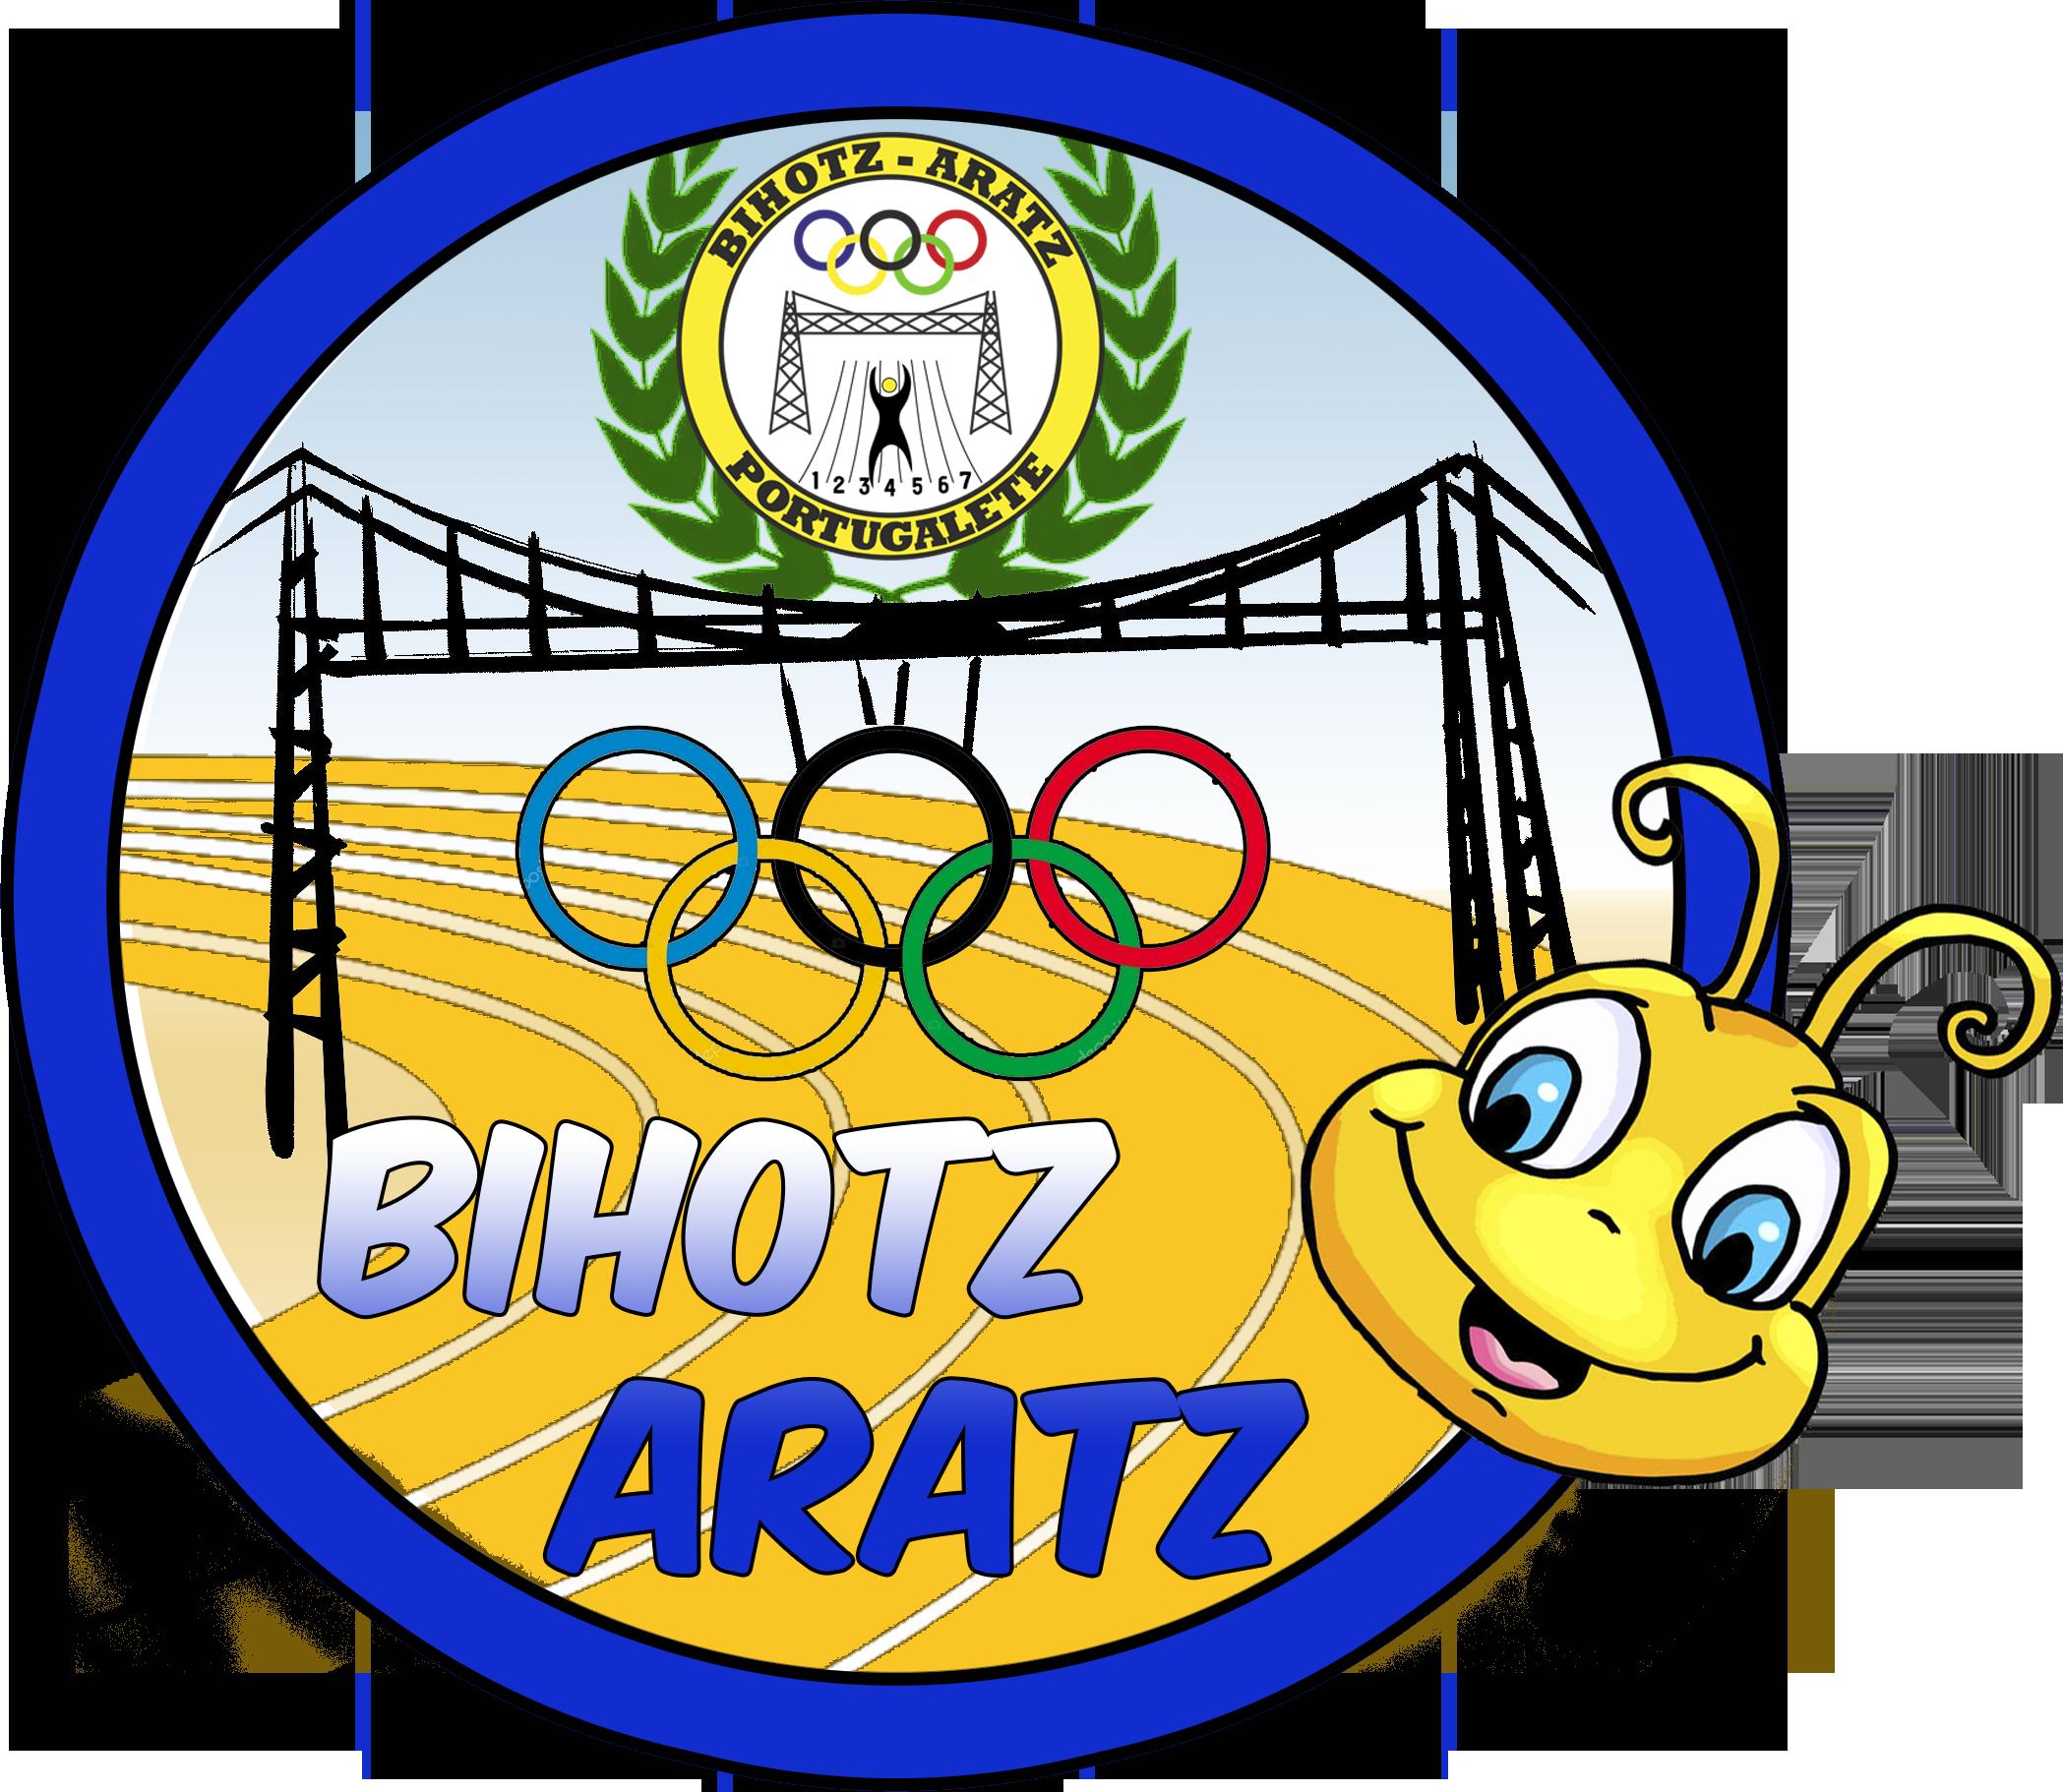 Bihotz Aratz Atletismo